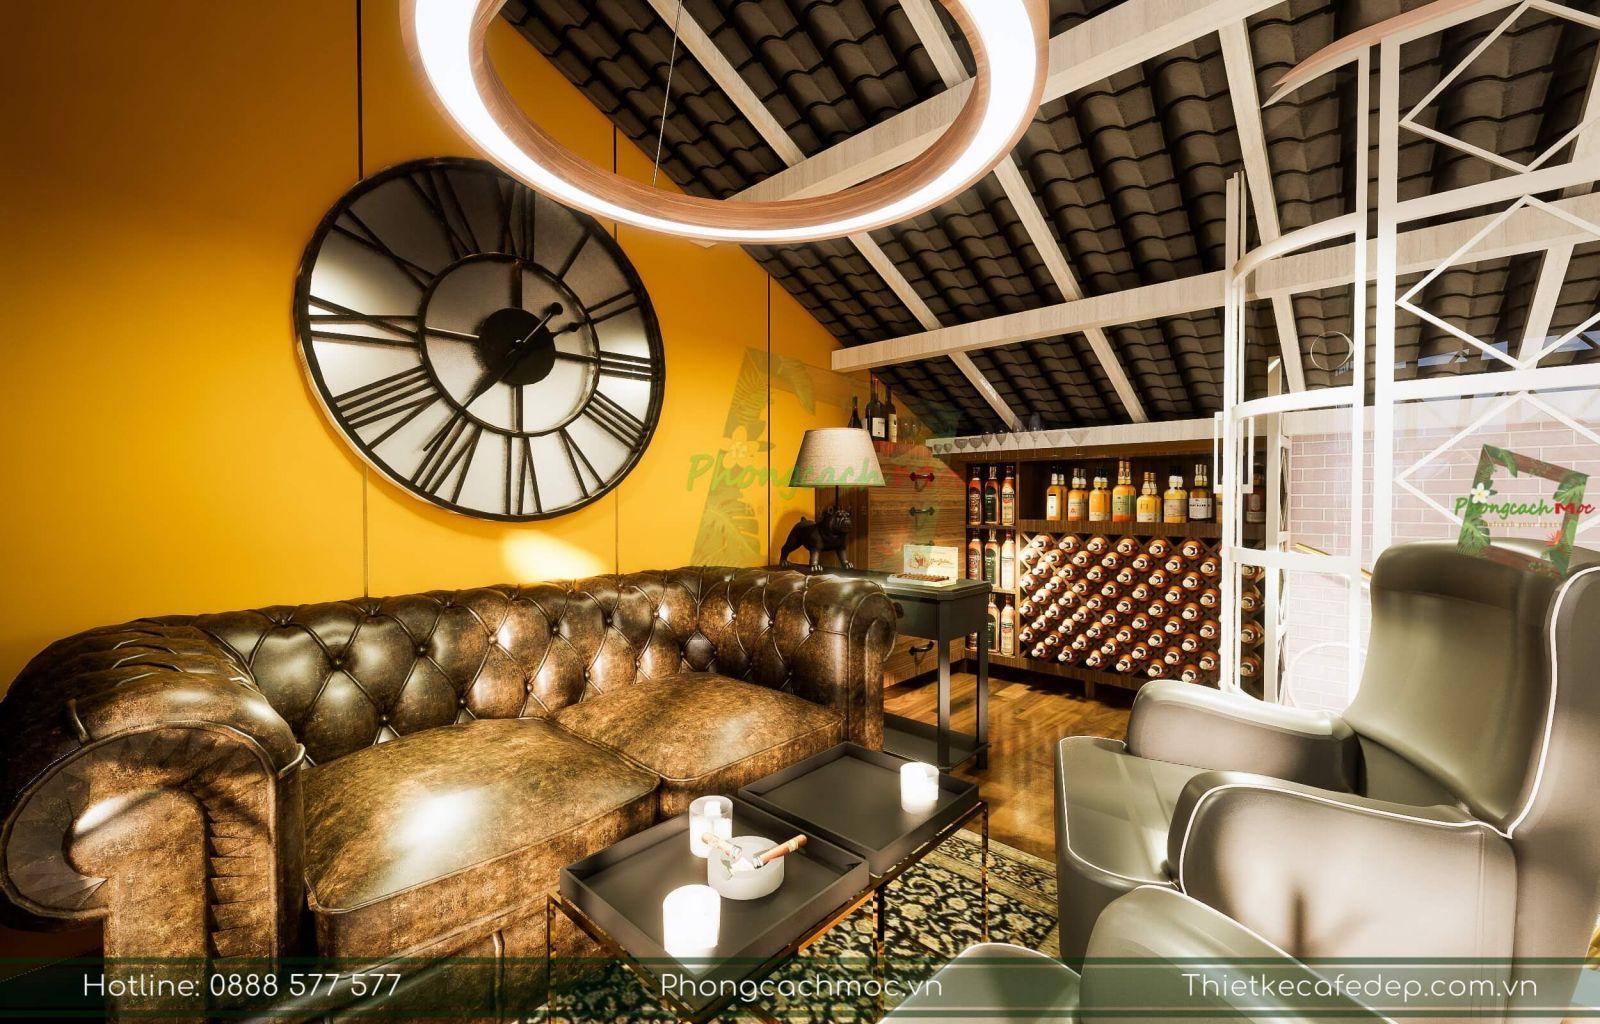 pcm thiết kế không gian nội thất tầng 2 quán cafe tại đà lạt